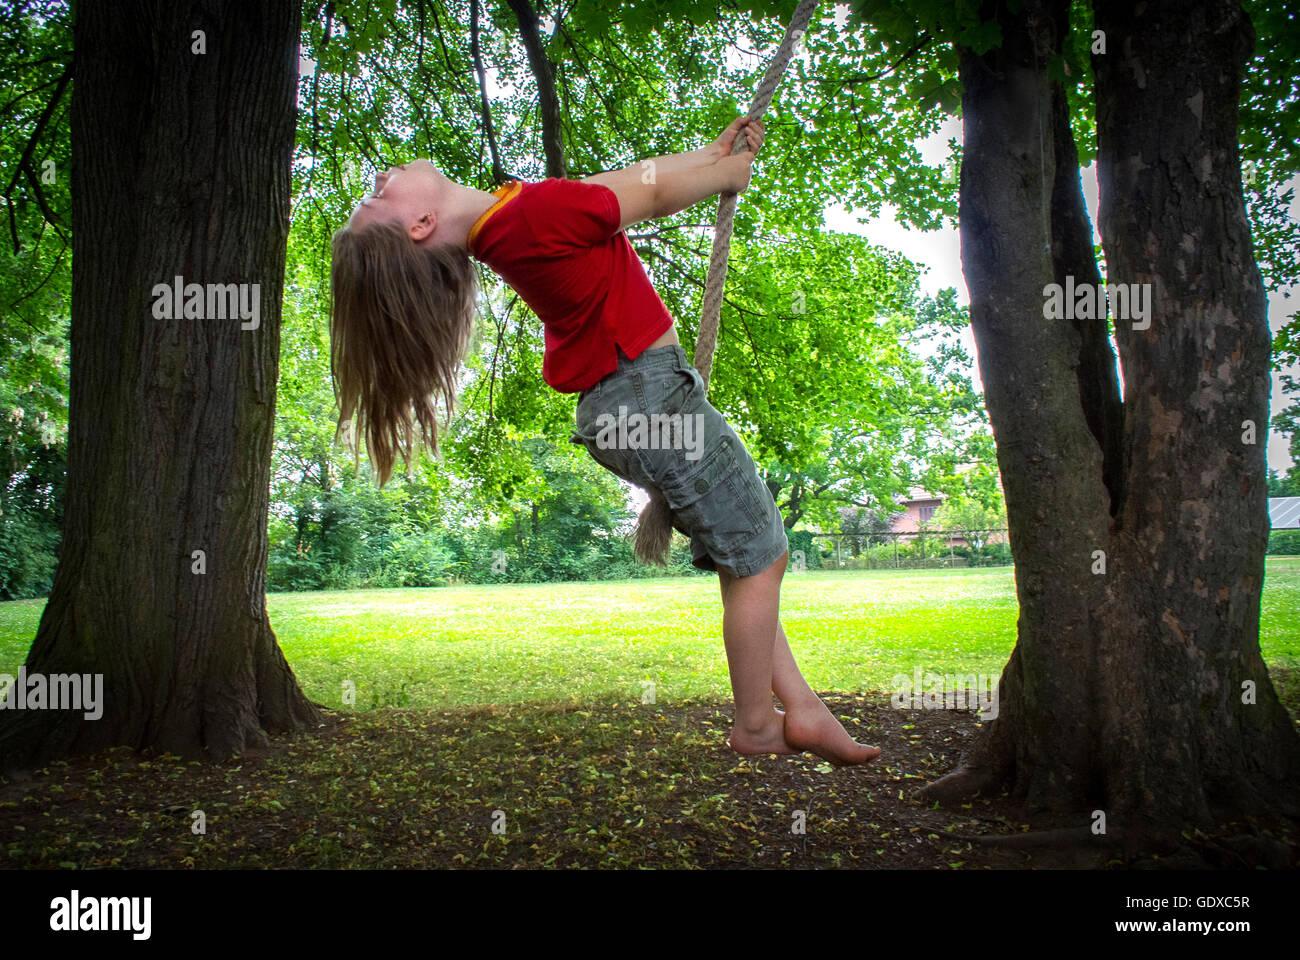 Una joven colgando de un árbol de la cuerda. Imagen De Stock